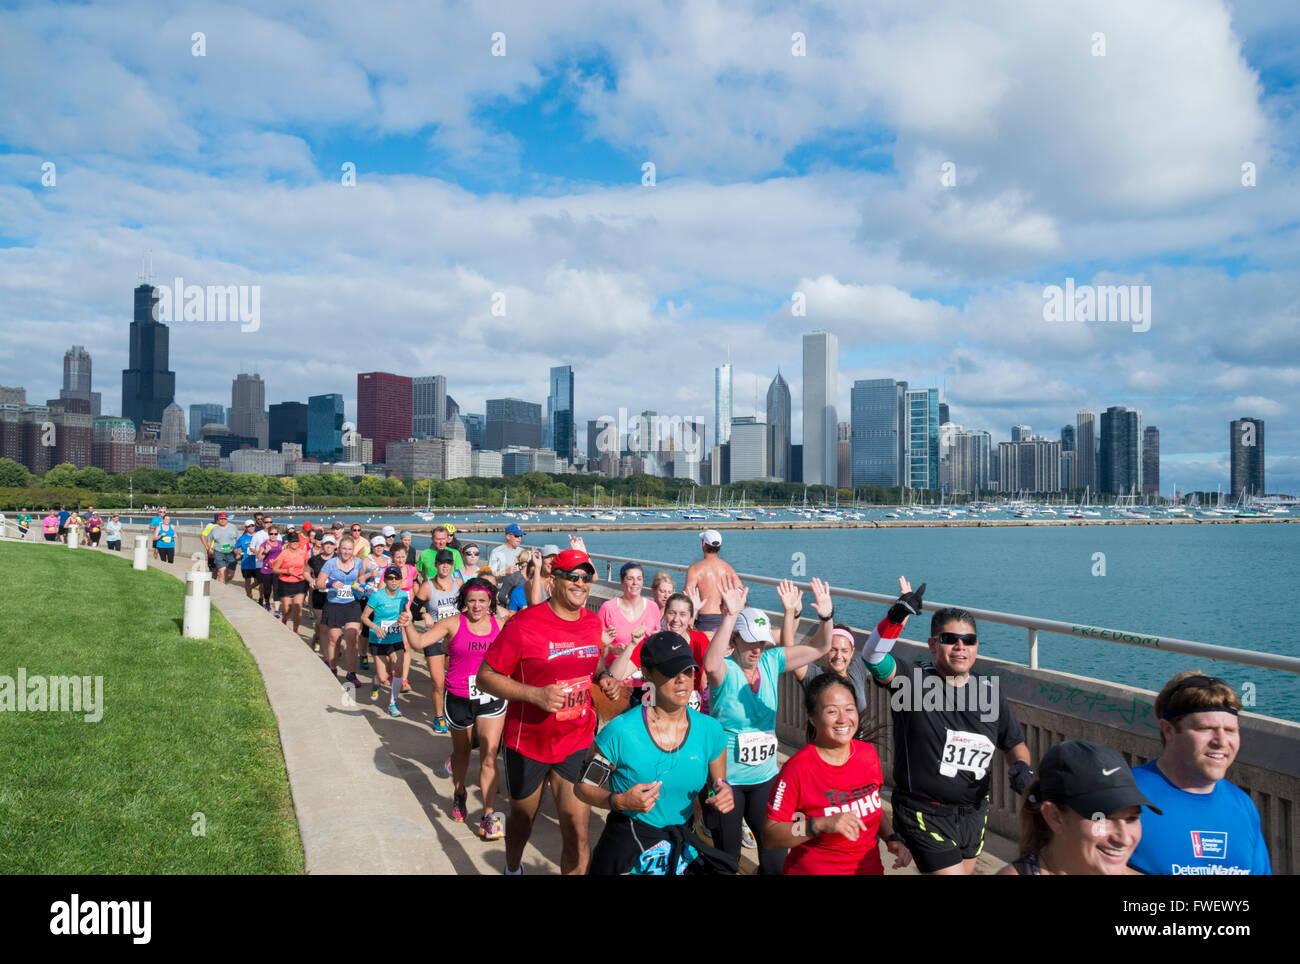 Die Chicago-Marathon entlang der Seeufer, Downtown Chicago, Illinois, Vereinigte Staaten von Amerika, Nordamerika Stockbild